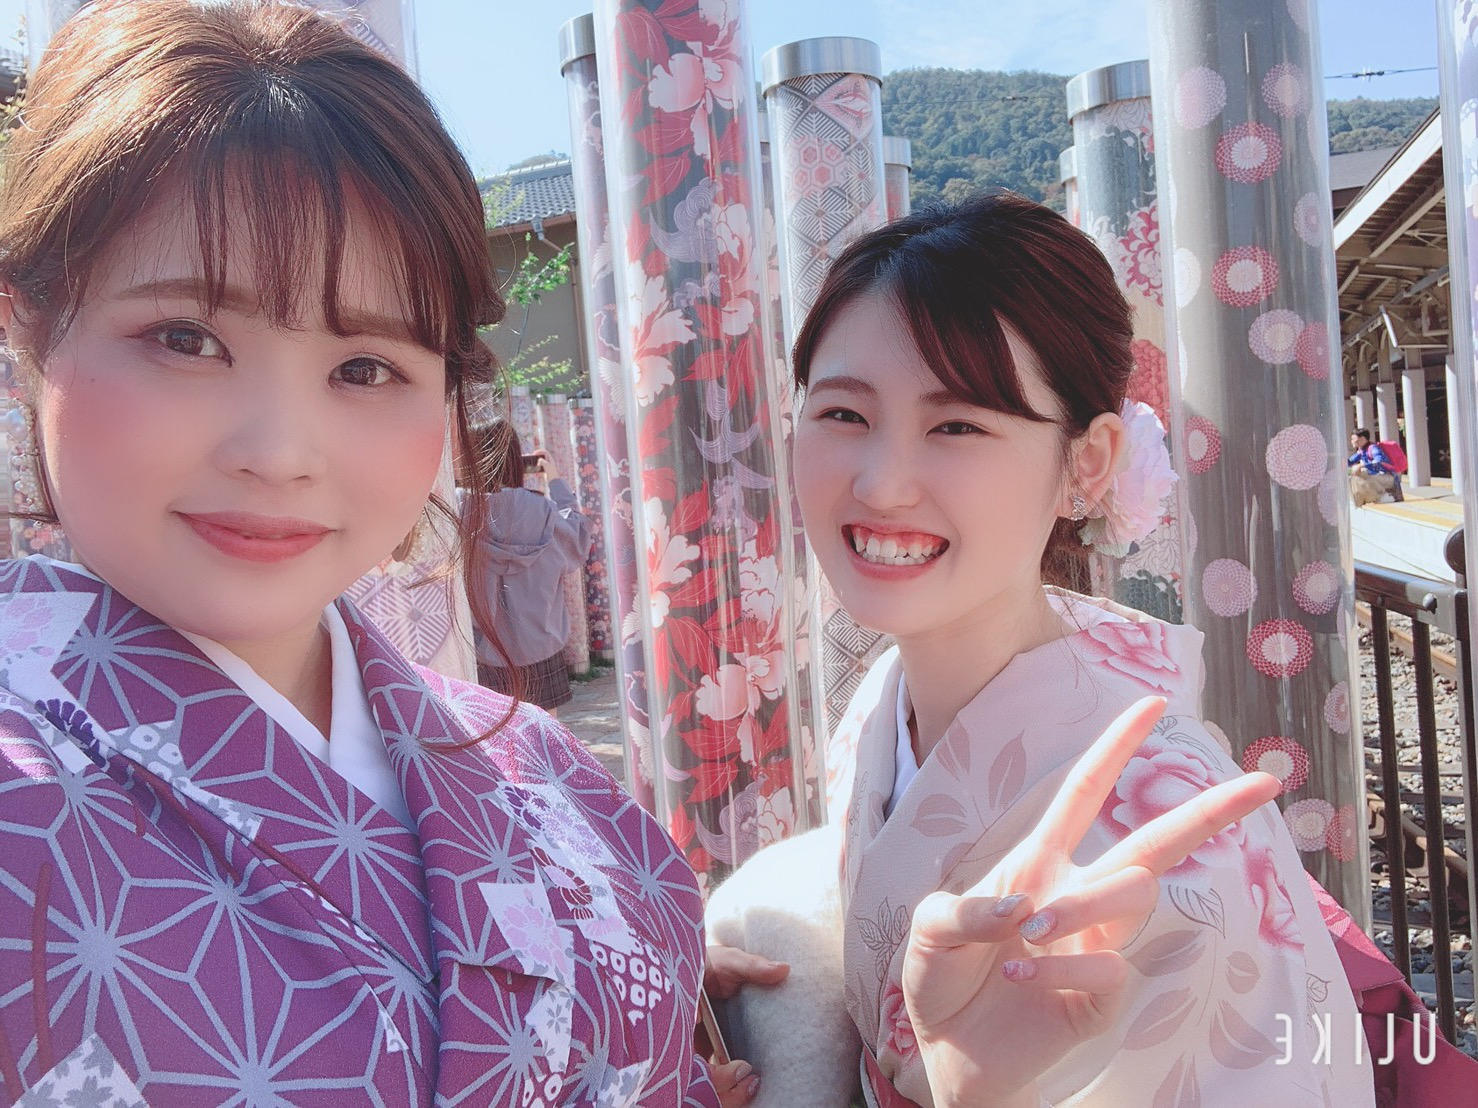 男女共に羽織姿で京都を散策♪2019年10月28日5